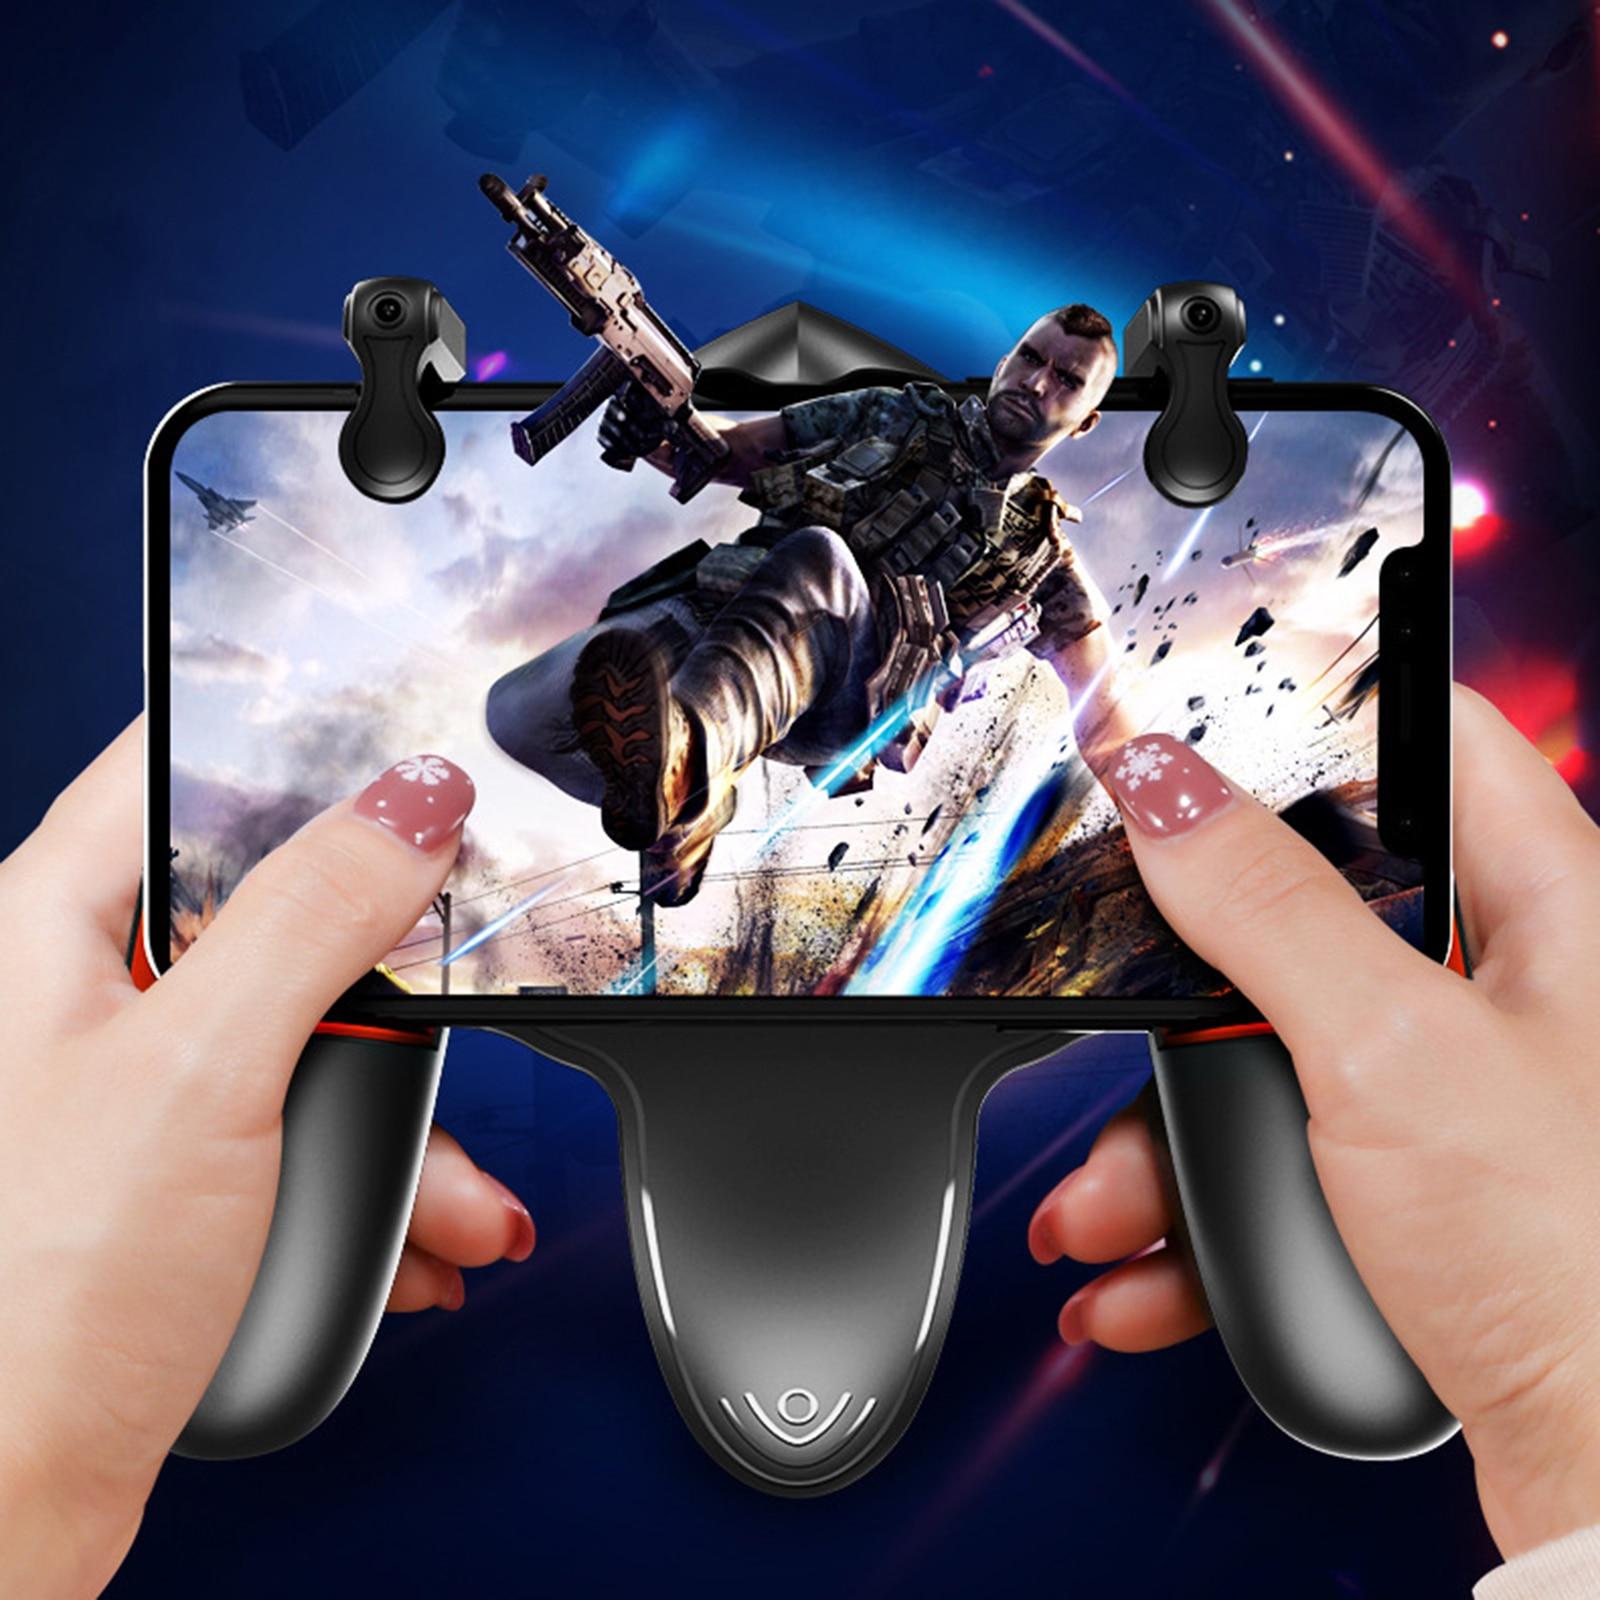 Voor PUBG Mobiele Game Gamepad Handvat Game Controller met Koelventilator voor Android/IOS Mobiele Telefoon Gaming Console Joystick-in Speel pads van Consumentenelektronica op  Groep 1